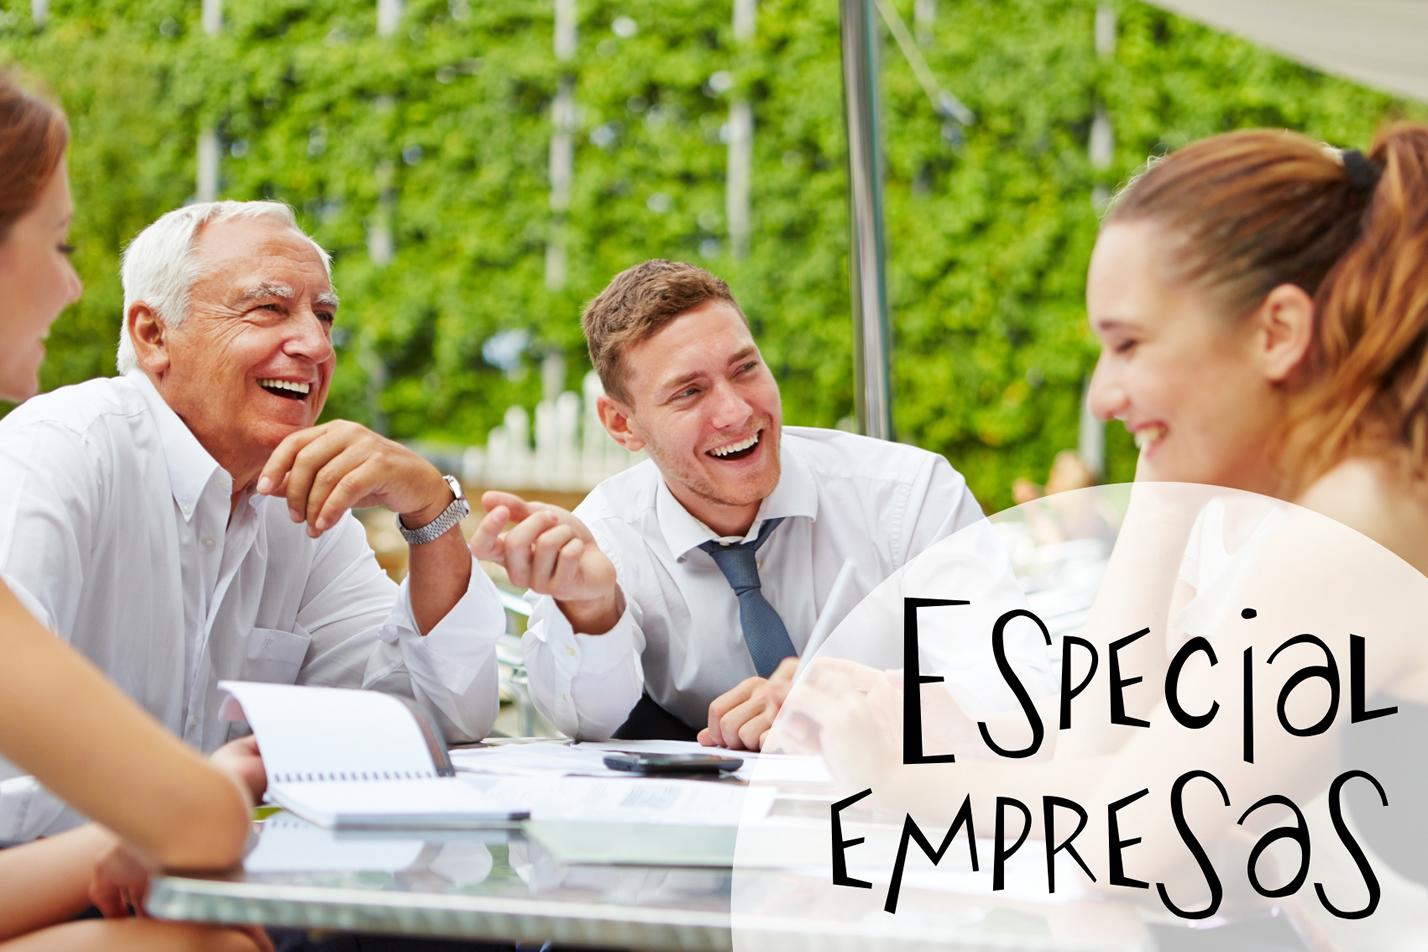 casas rurales conferencias, eventos, reuniones de empresa Valladolid, Salamanca, Toro, Tordesillas, Medina del Campo, Zamora